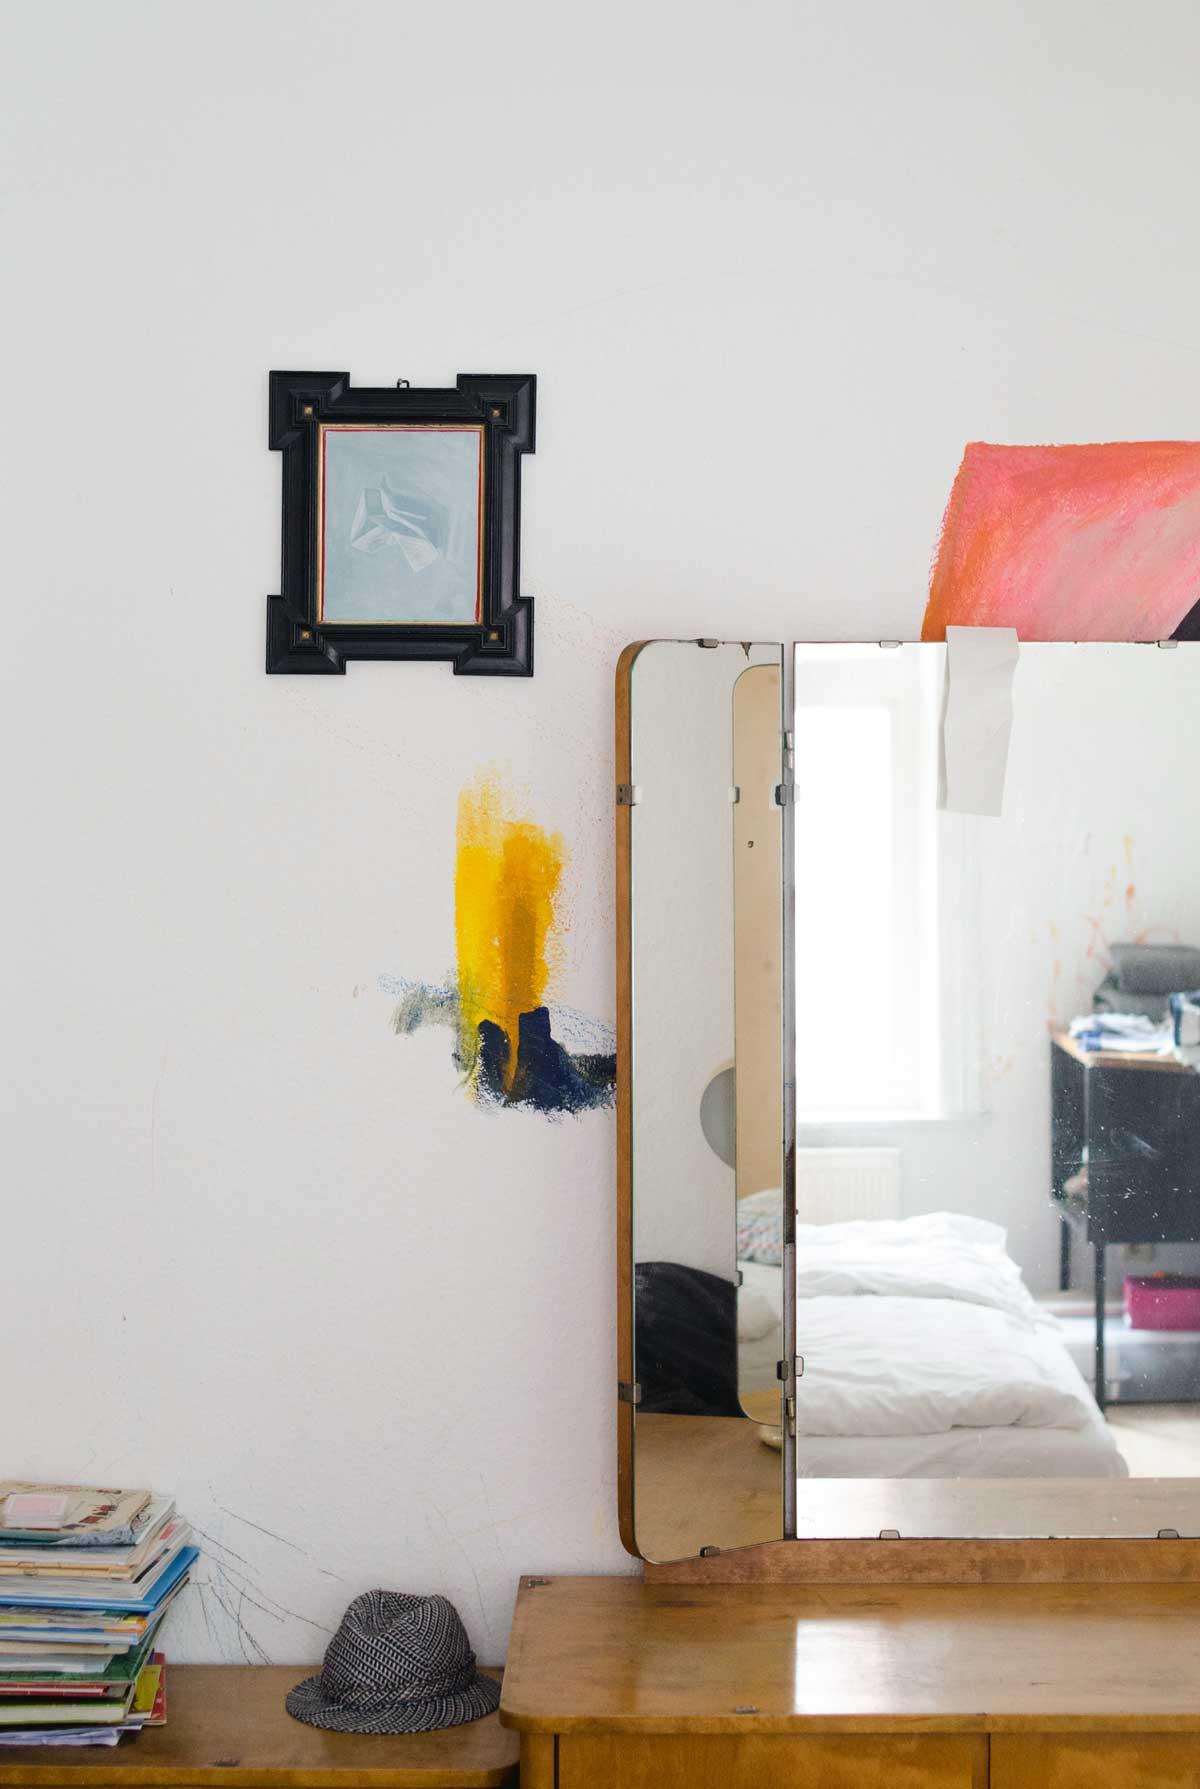 Frisiertisch Schlafzimmer, hamburgvoninnen.de